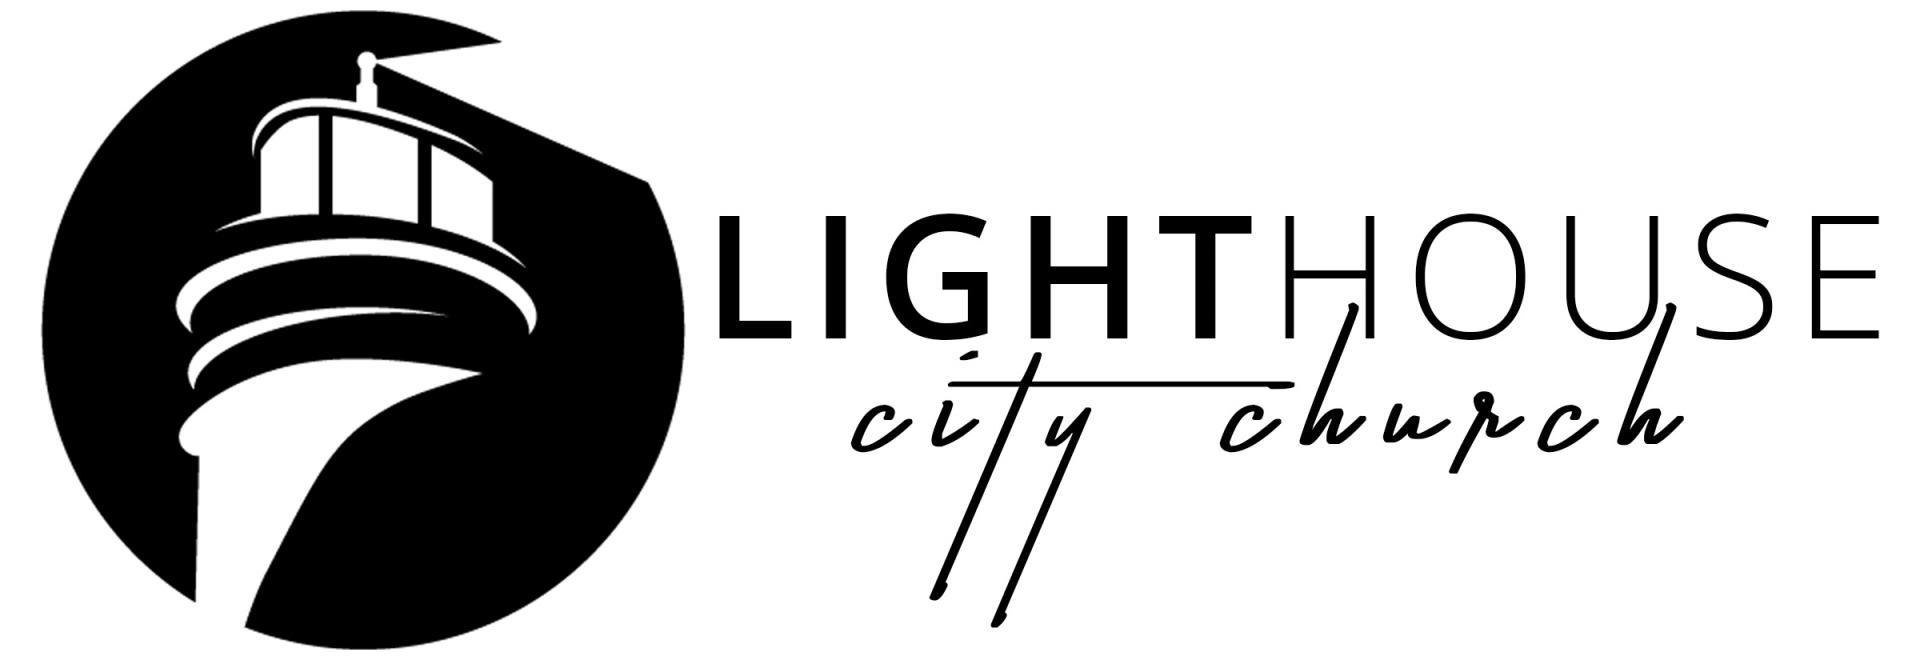 lighthouse city church